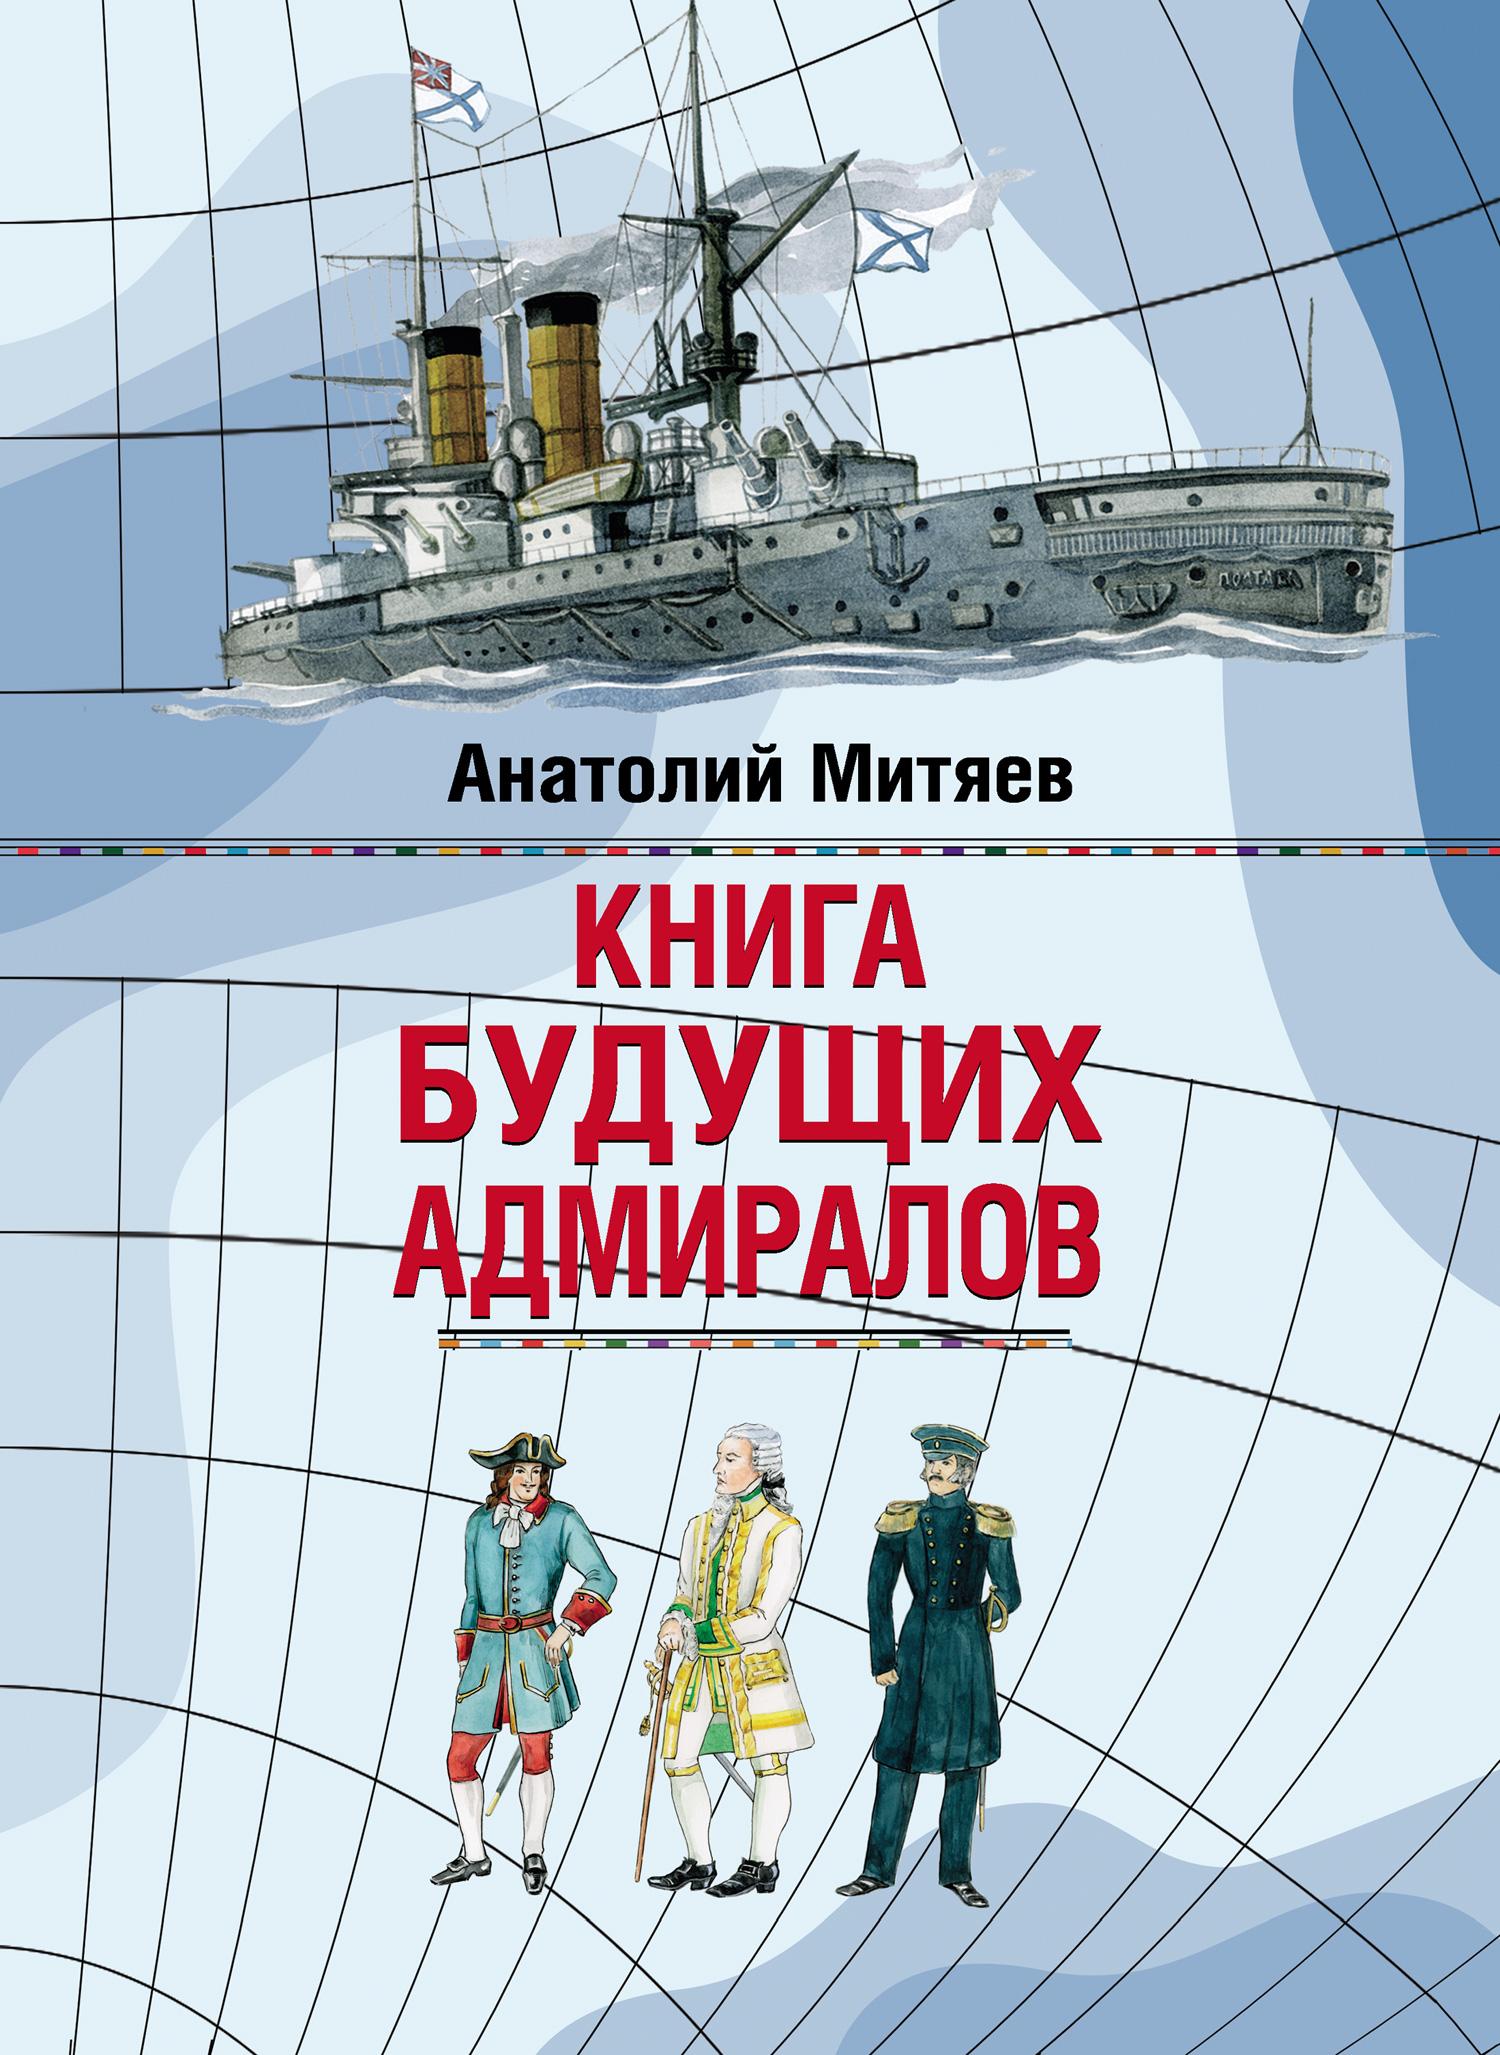 Анатолий Митяев Книга будущих адмиралов анатолий митяев книга будущих адмиралов